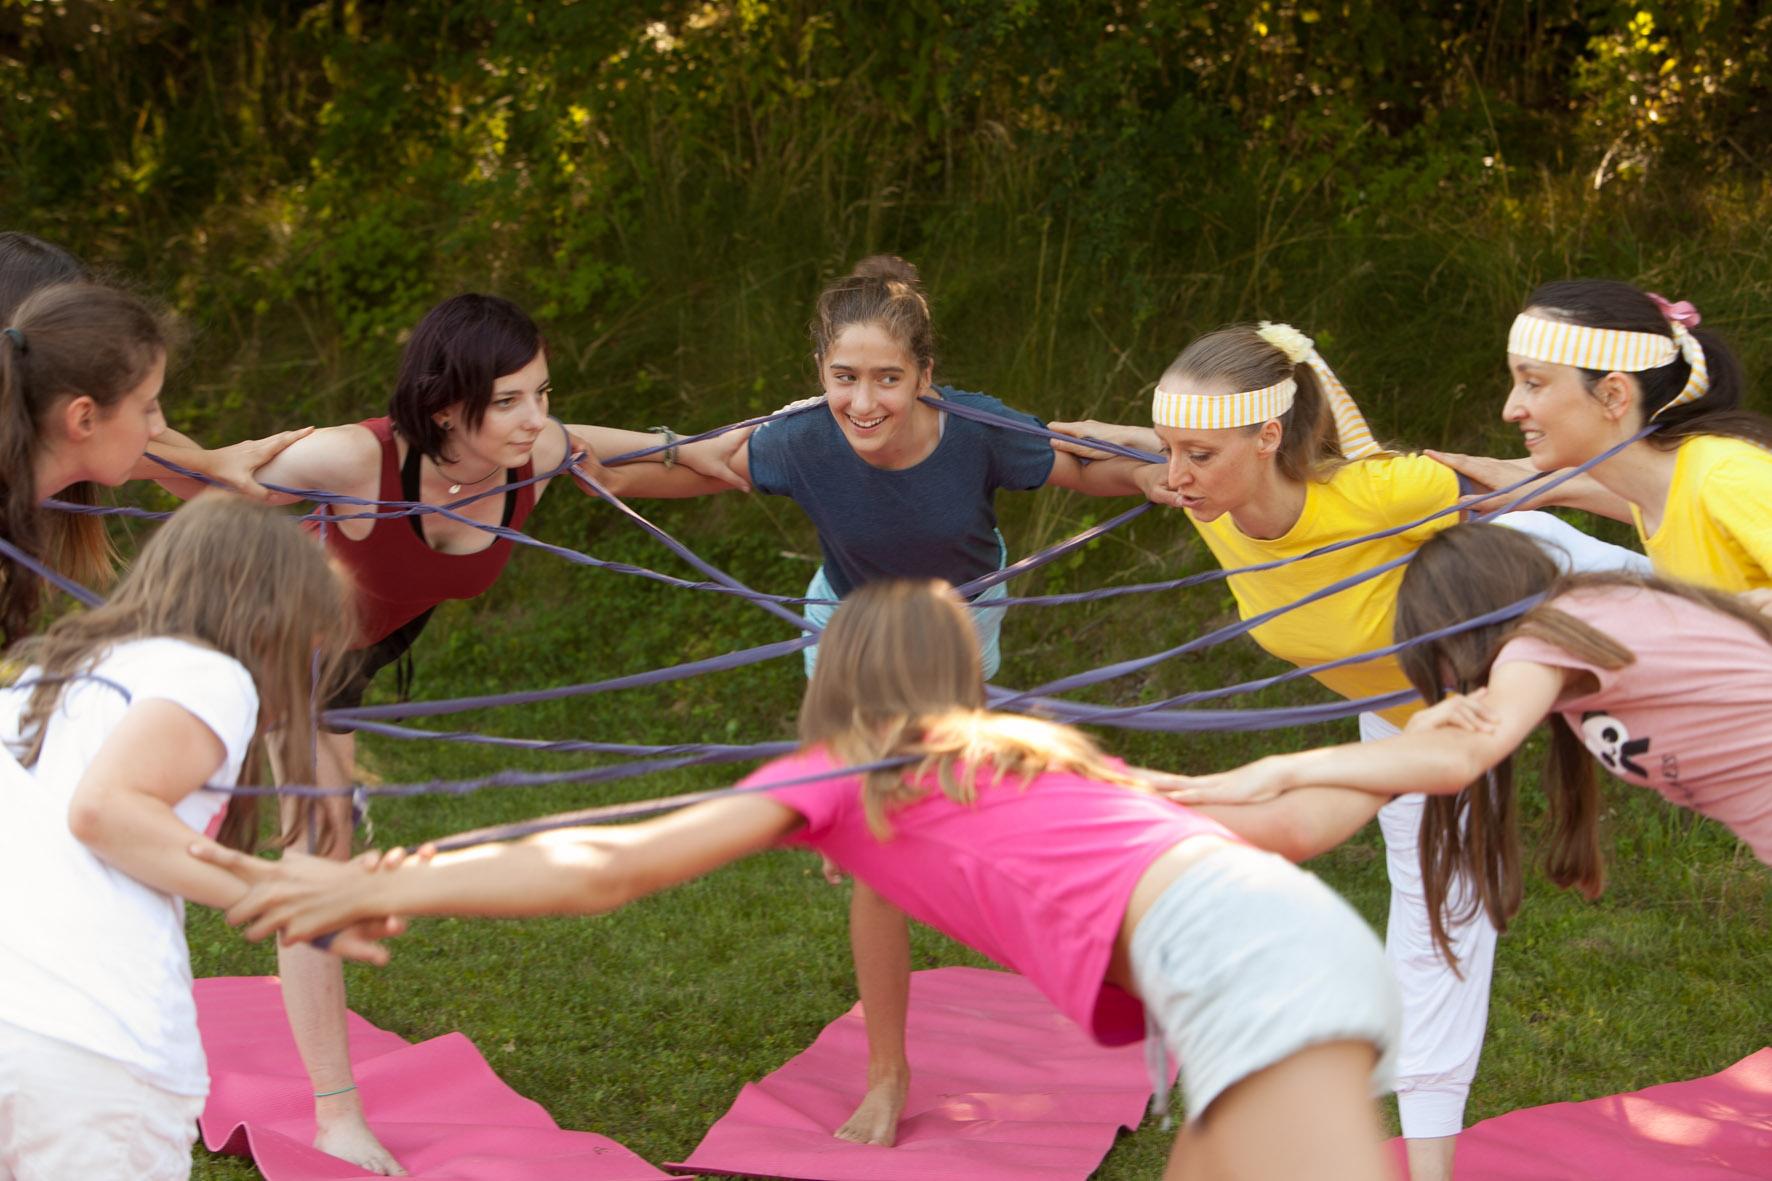 oto: Teenageryoga Mädchen bei Netzwerk-Übung